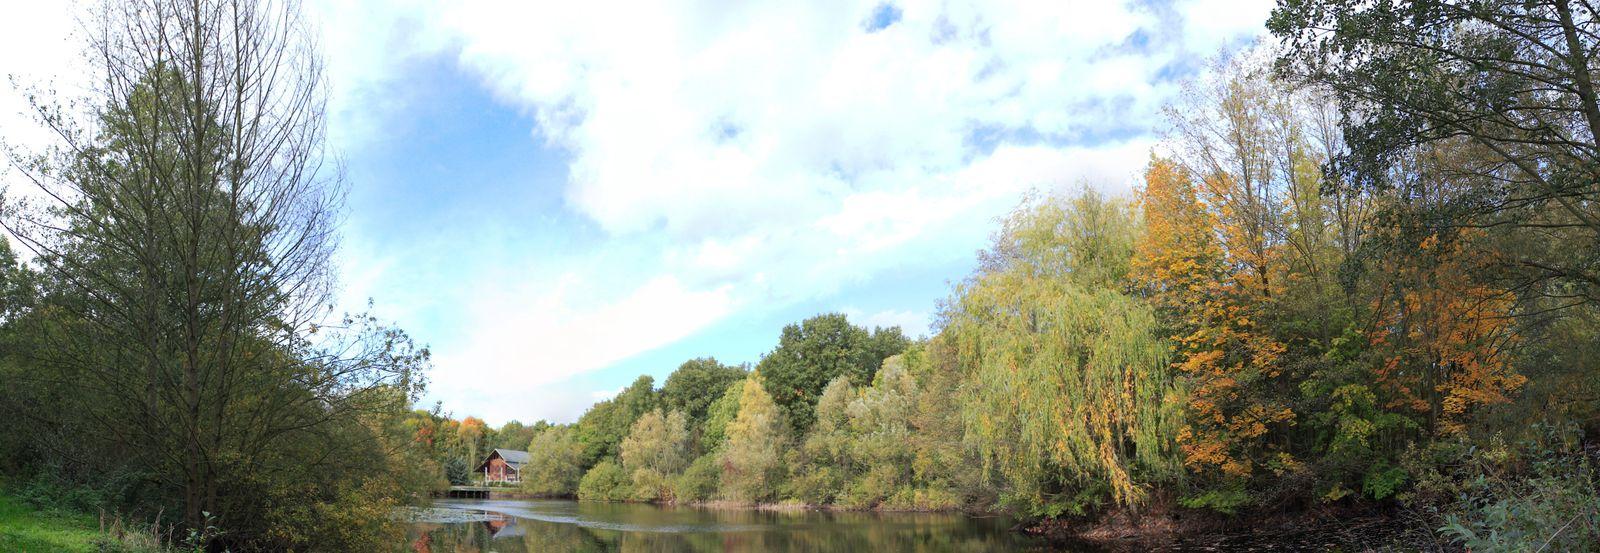 Wildparksee an der Gaststätte